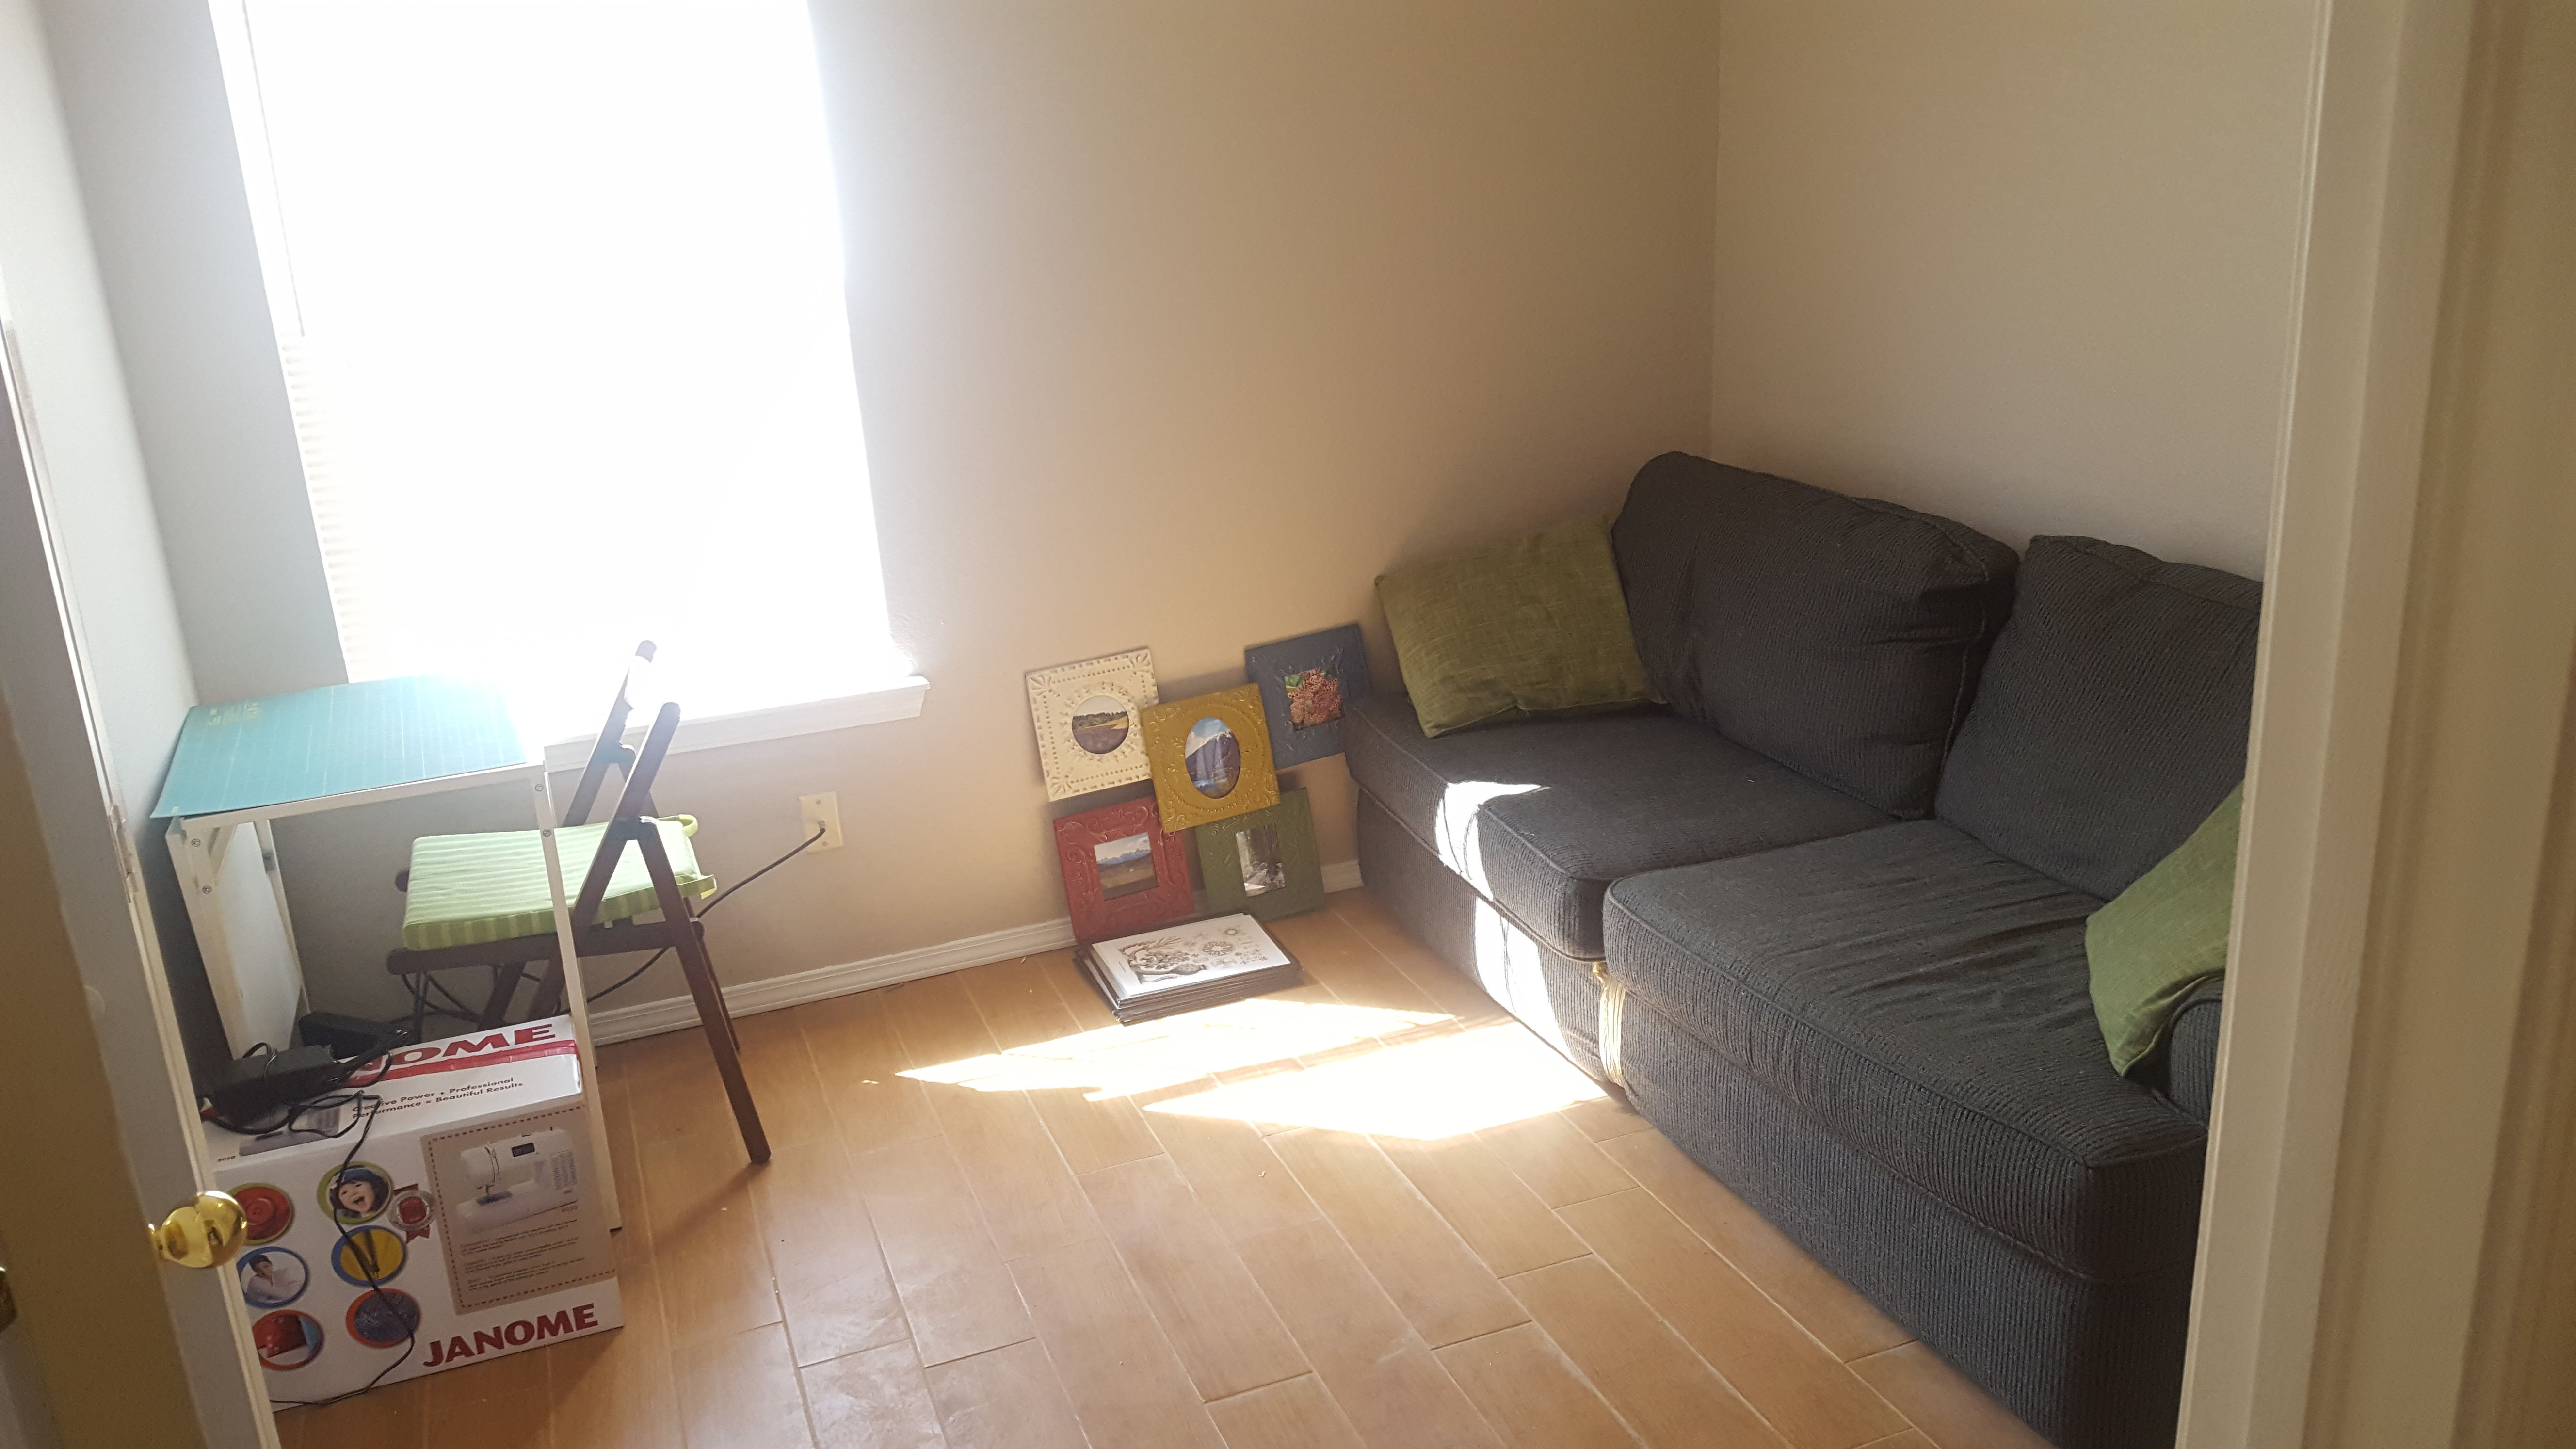 Craft Room Better (1/2)